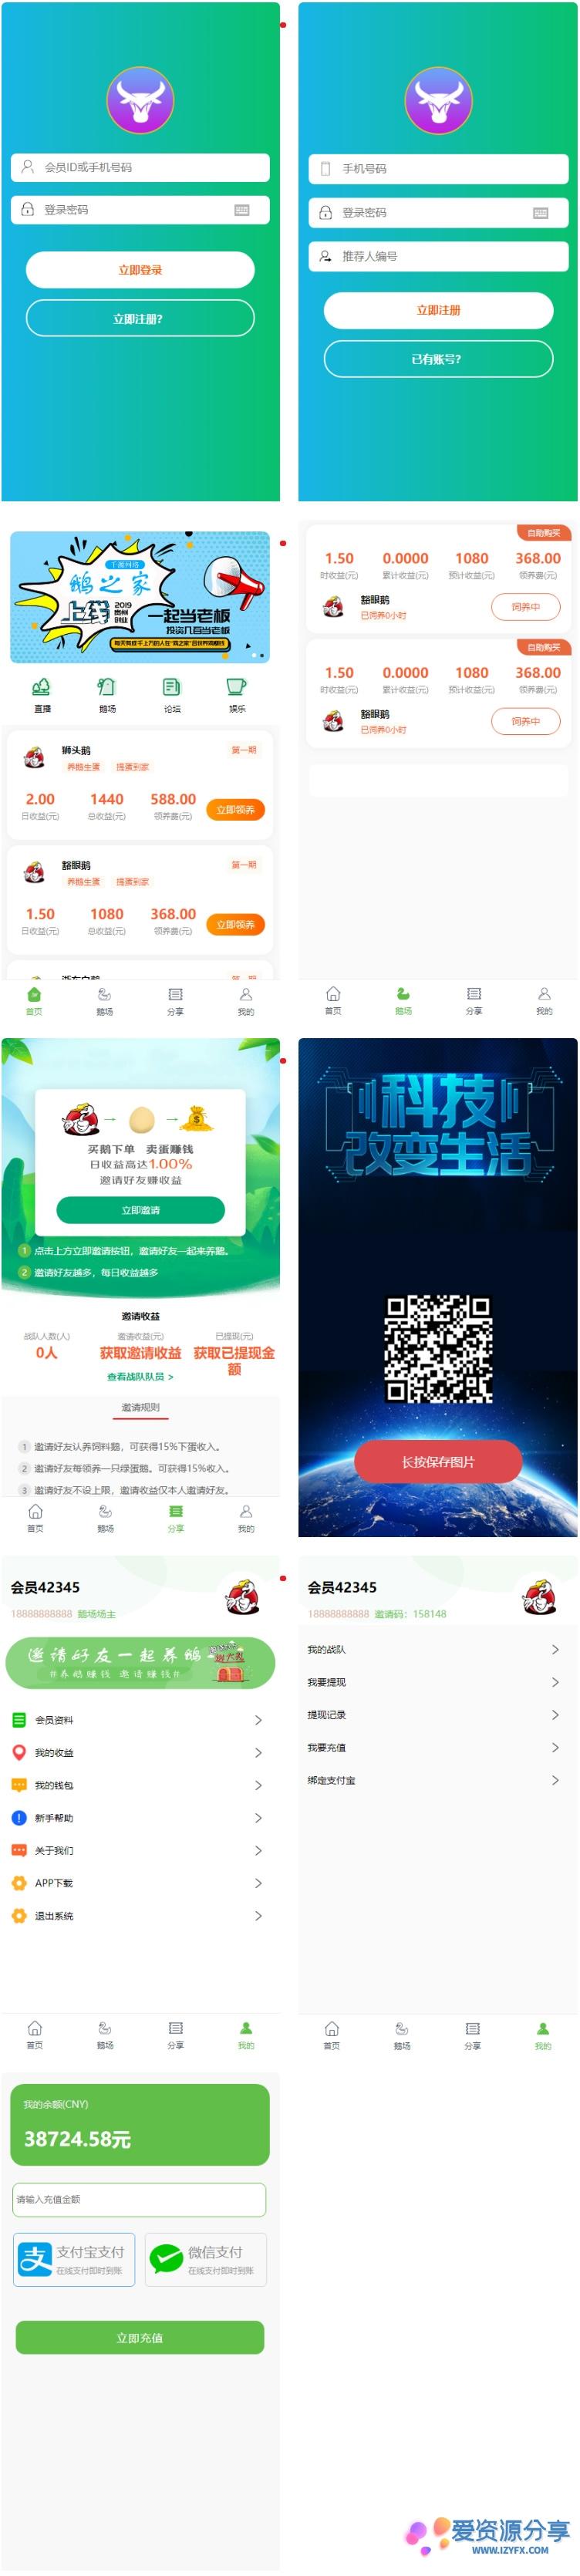 区块链理财养鹅绿色UI学习版网站系统源码-爱资源分享